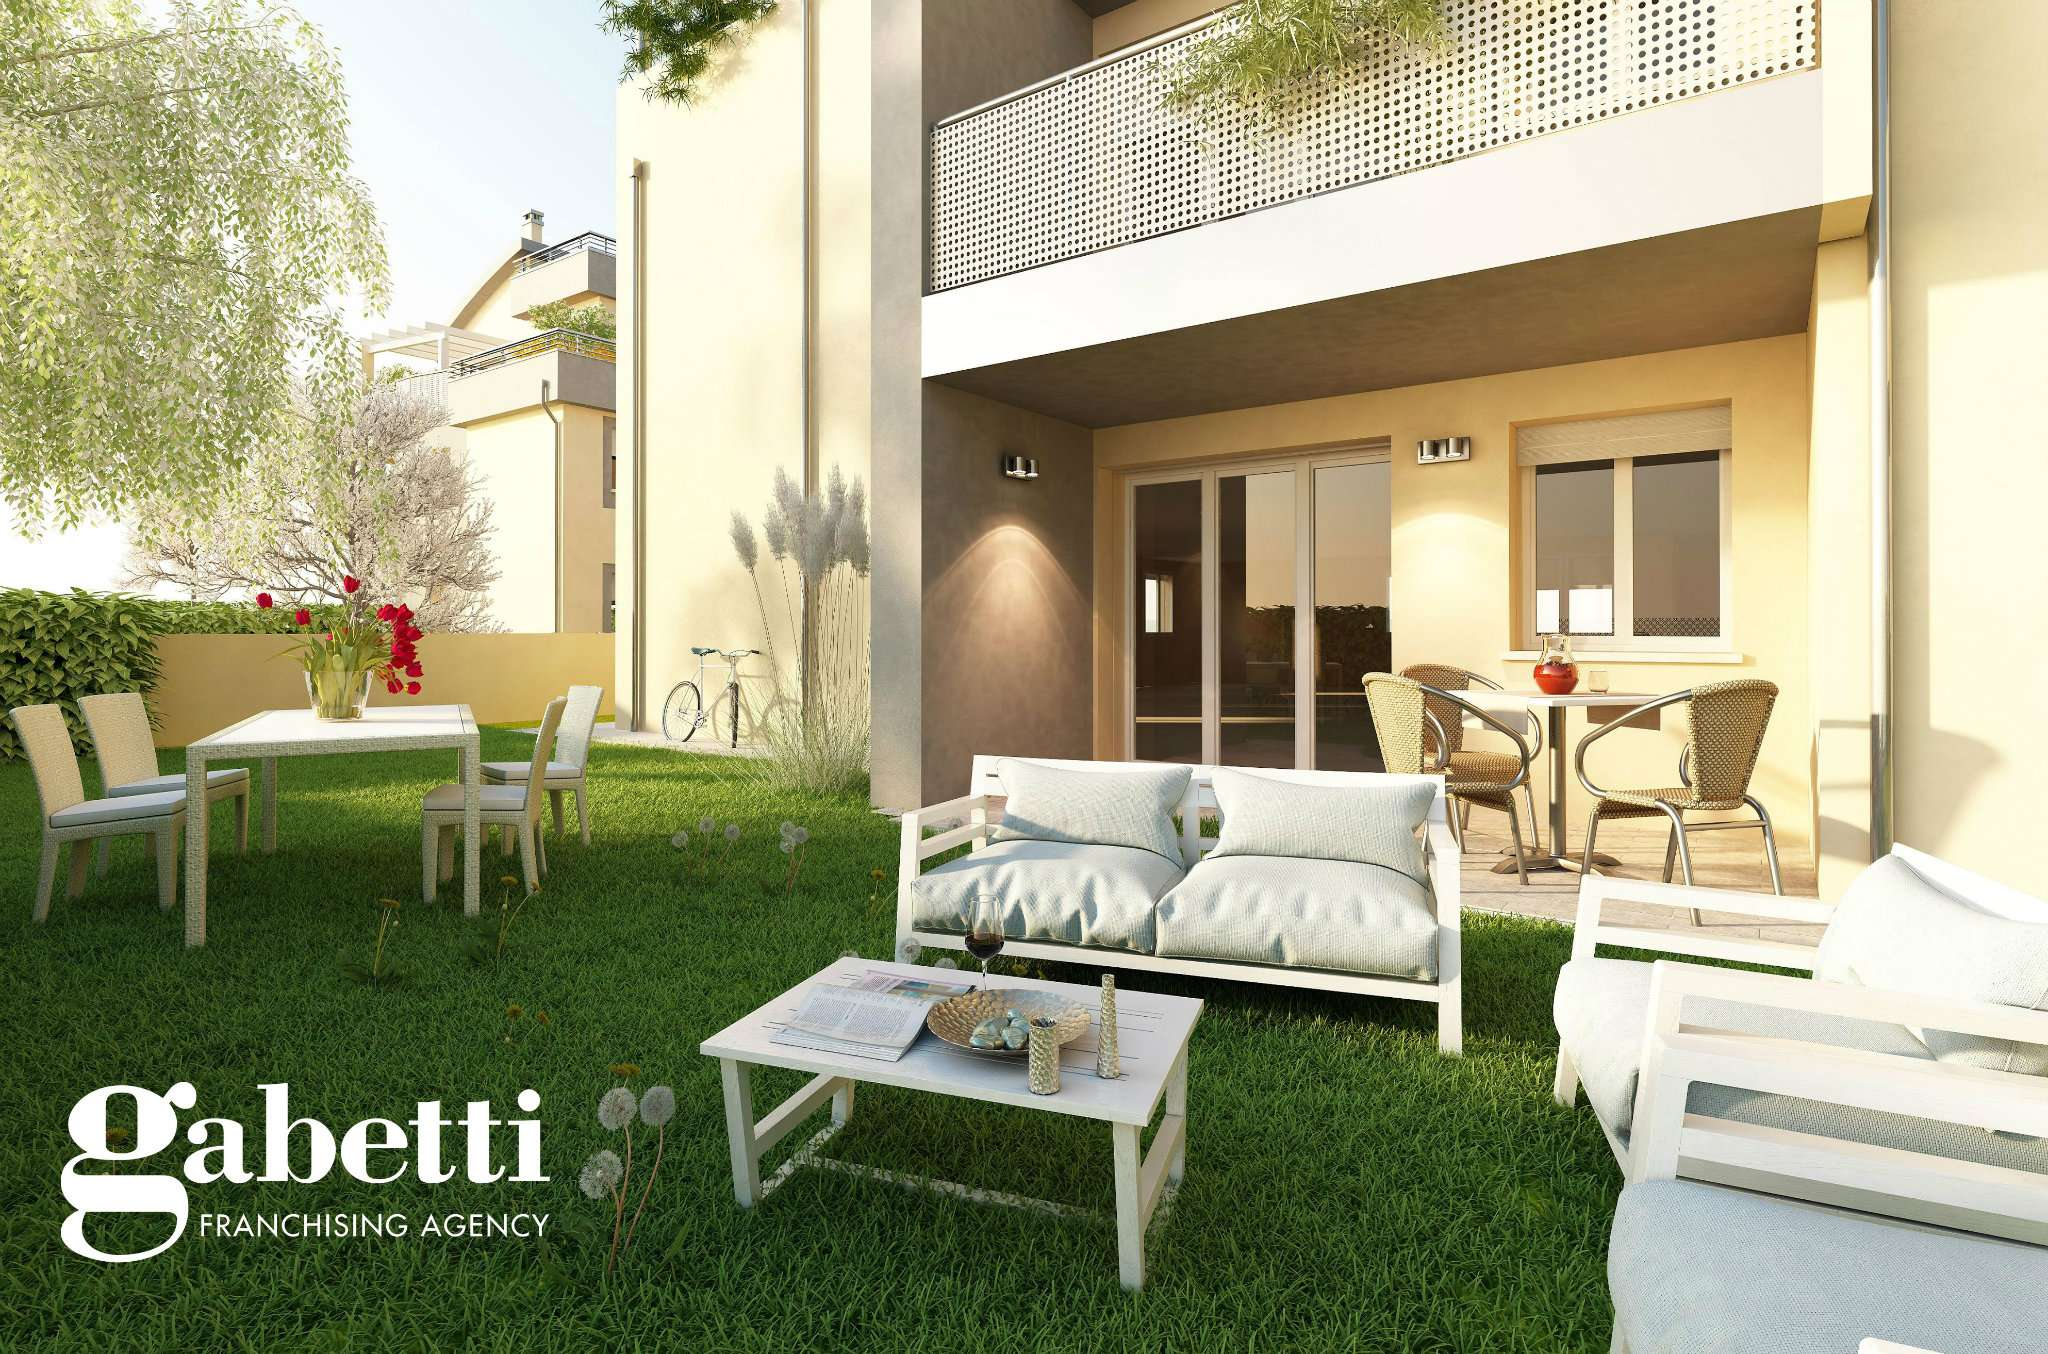 Appartamento in vendita a Castel Maggiore, 2 locali, prezzo € 224.000 | Cambio Casa.it